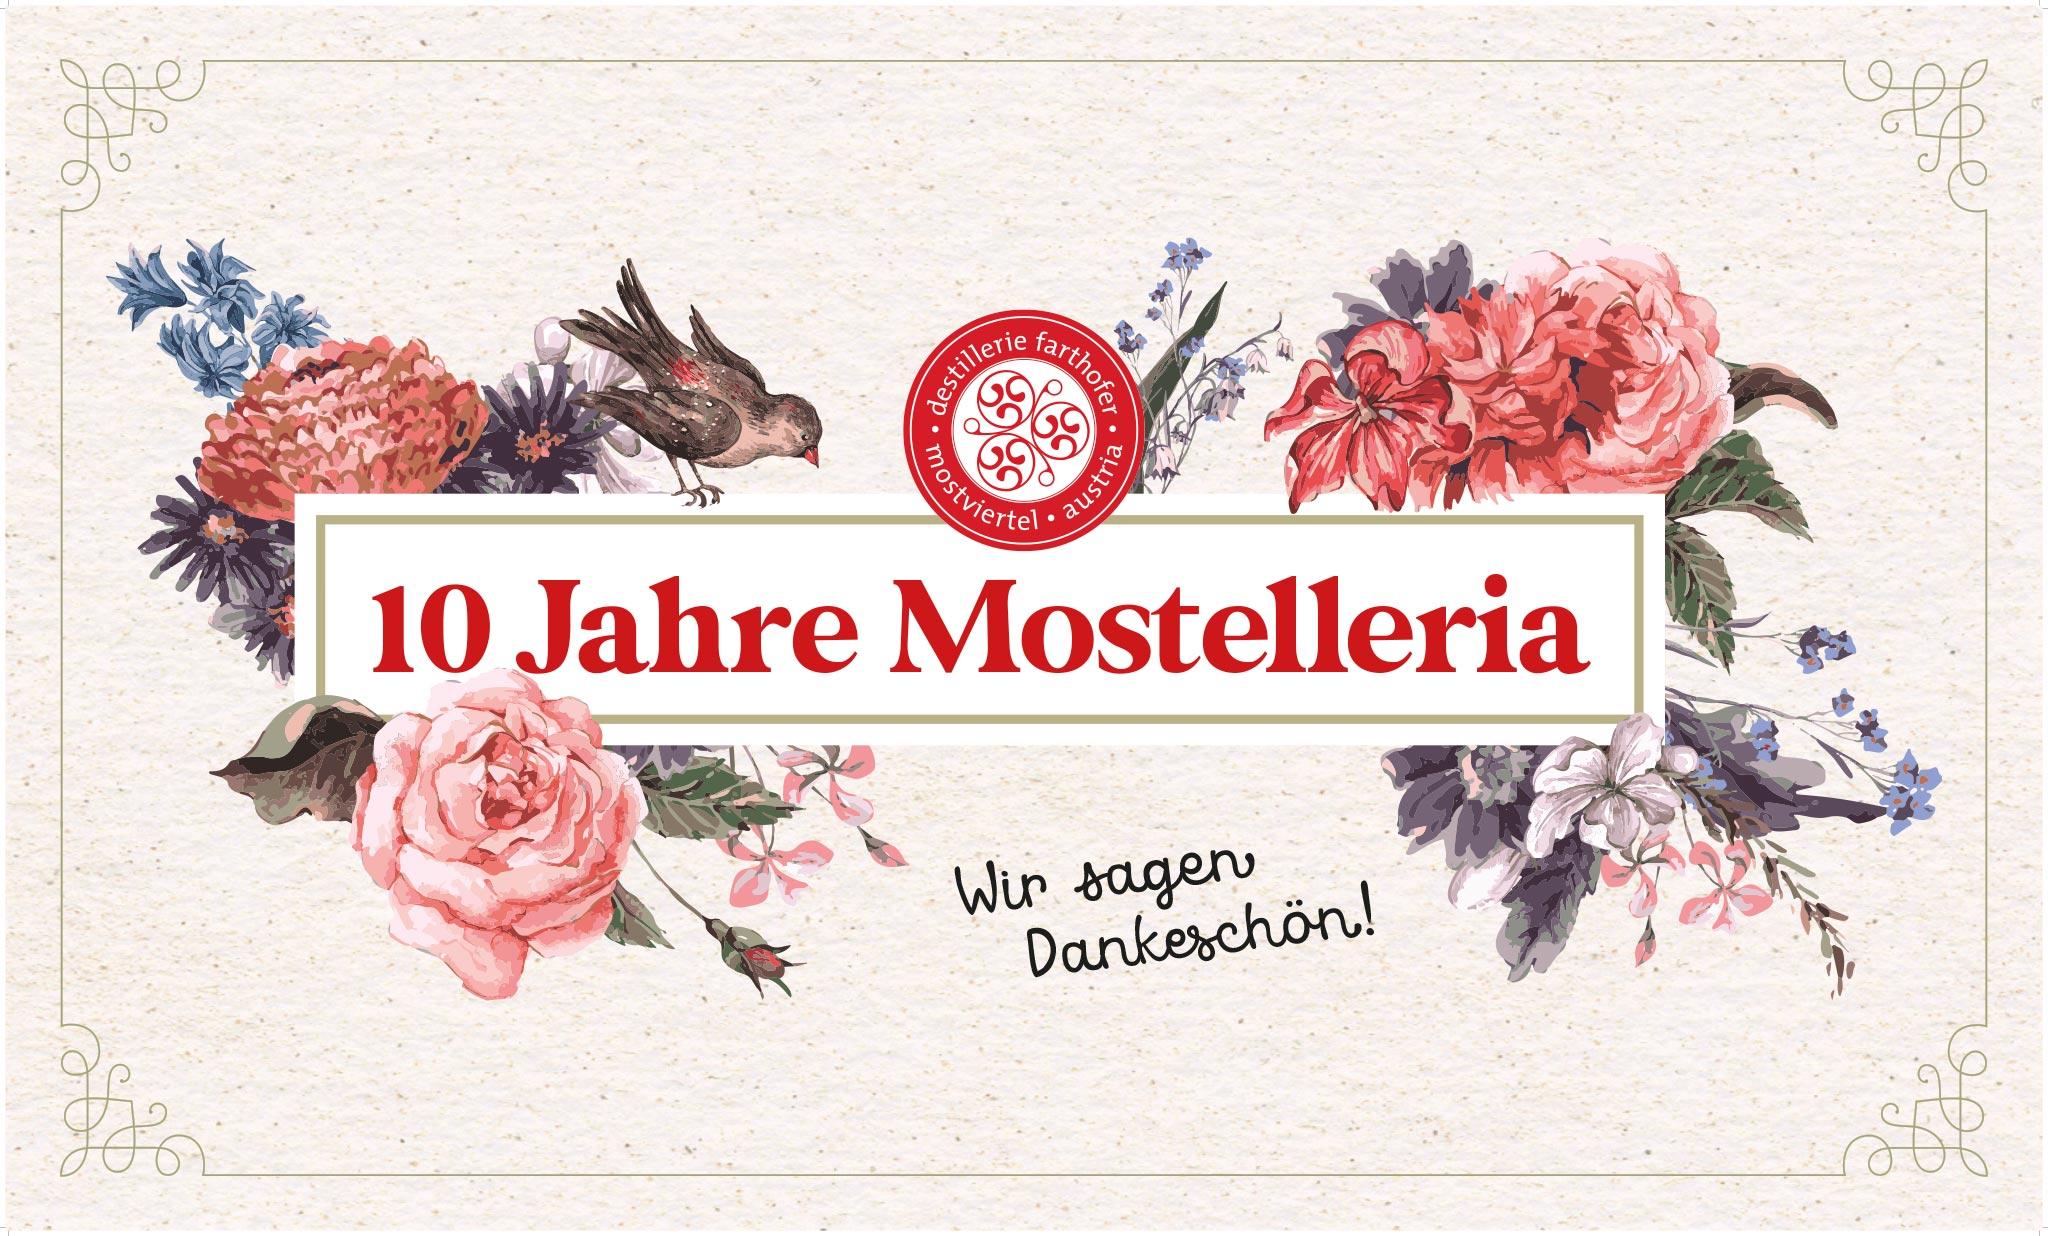 10 Jahre Mostelleria - Destillerie Farthofer